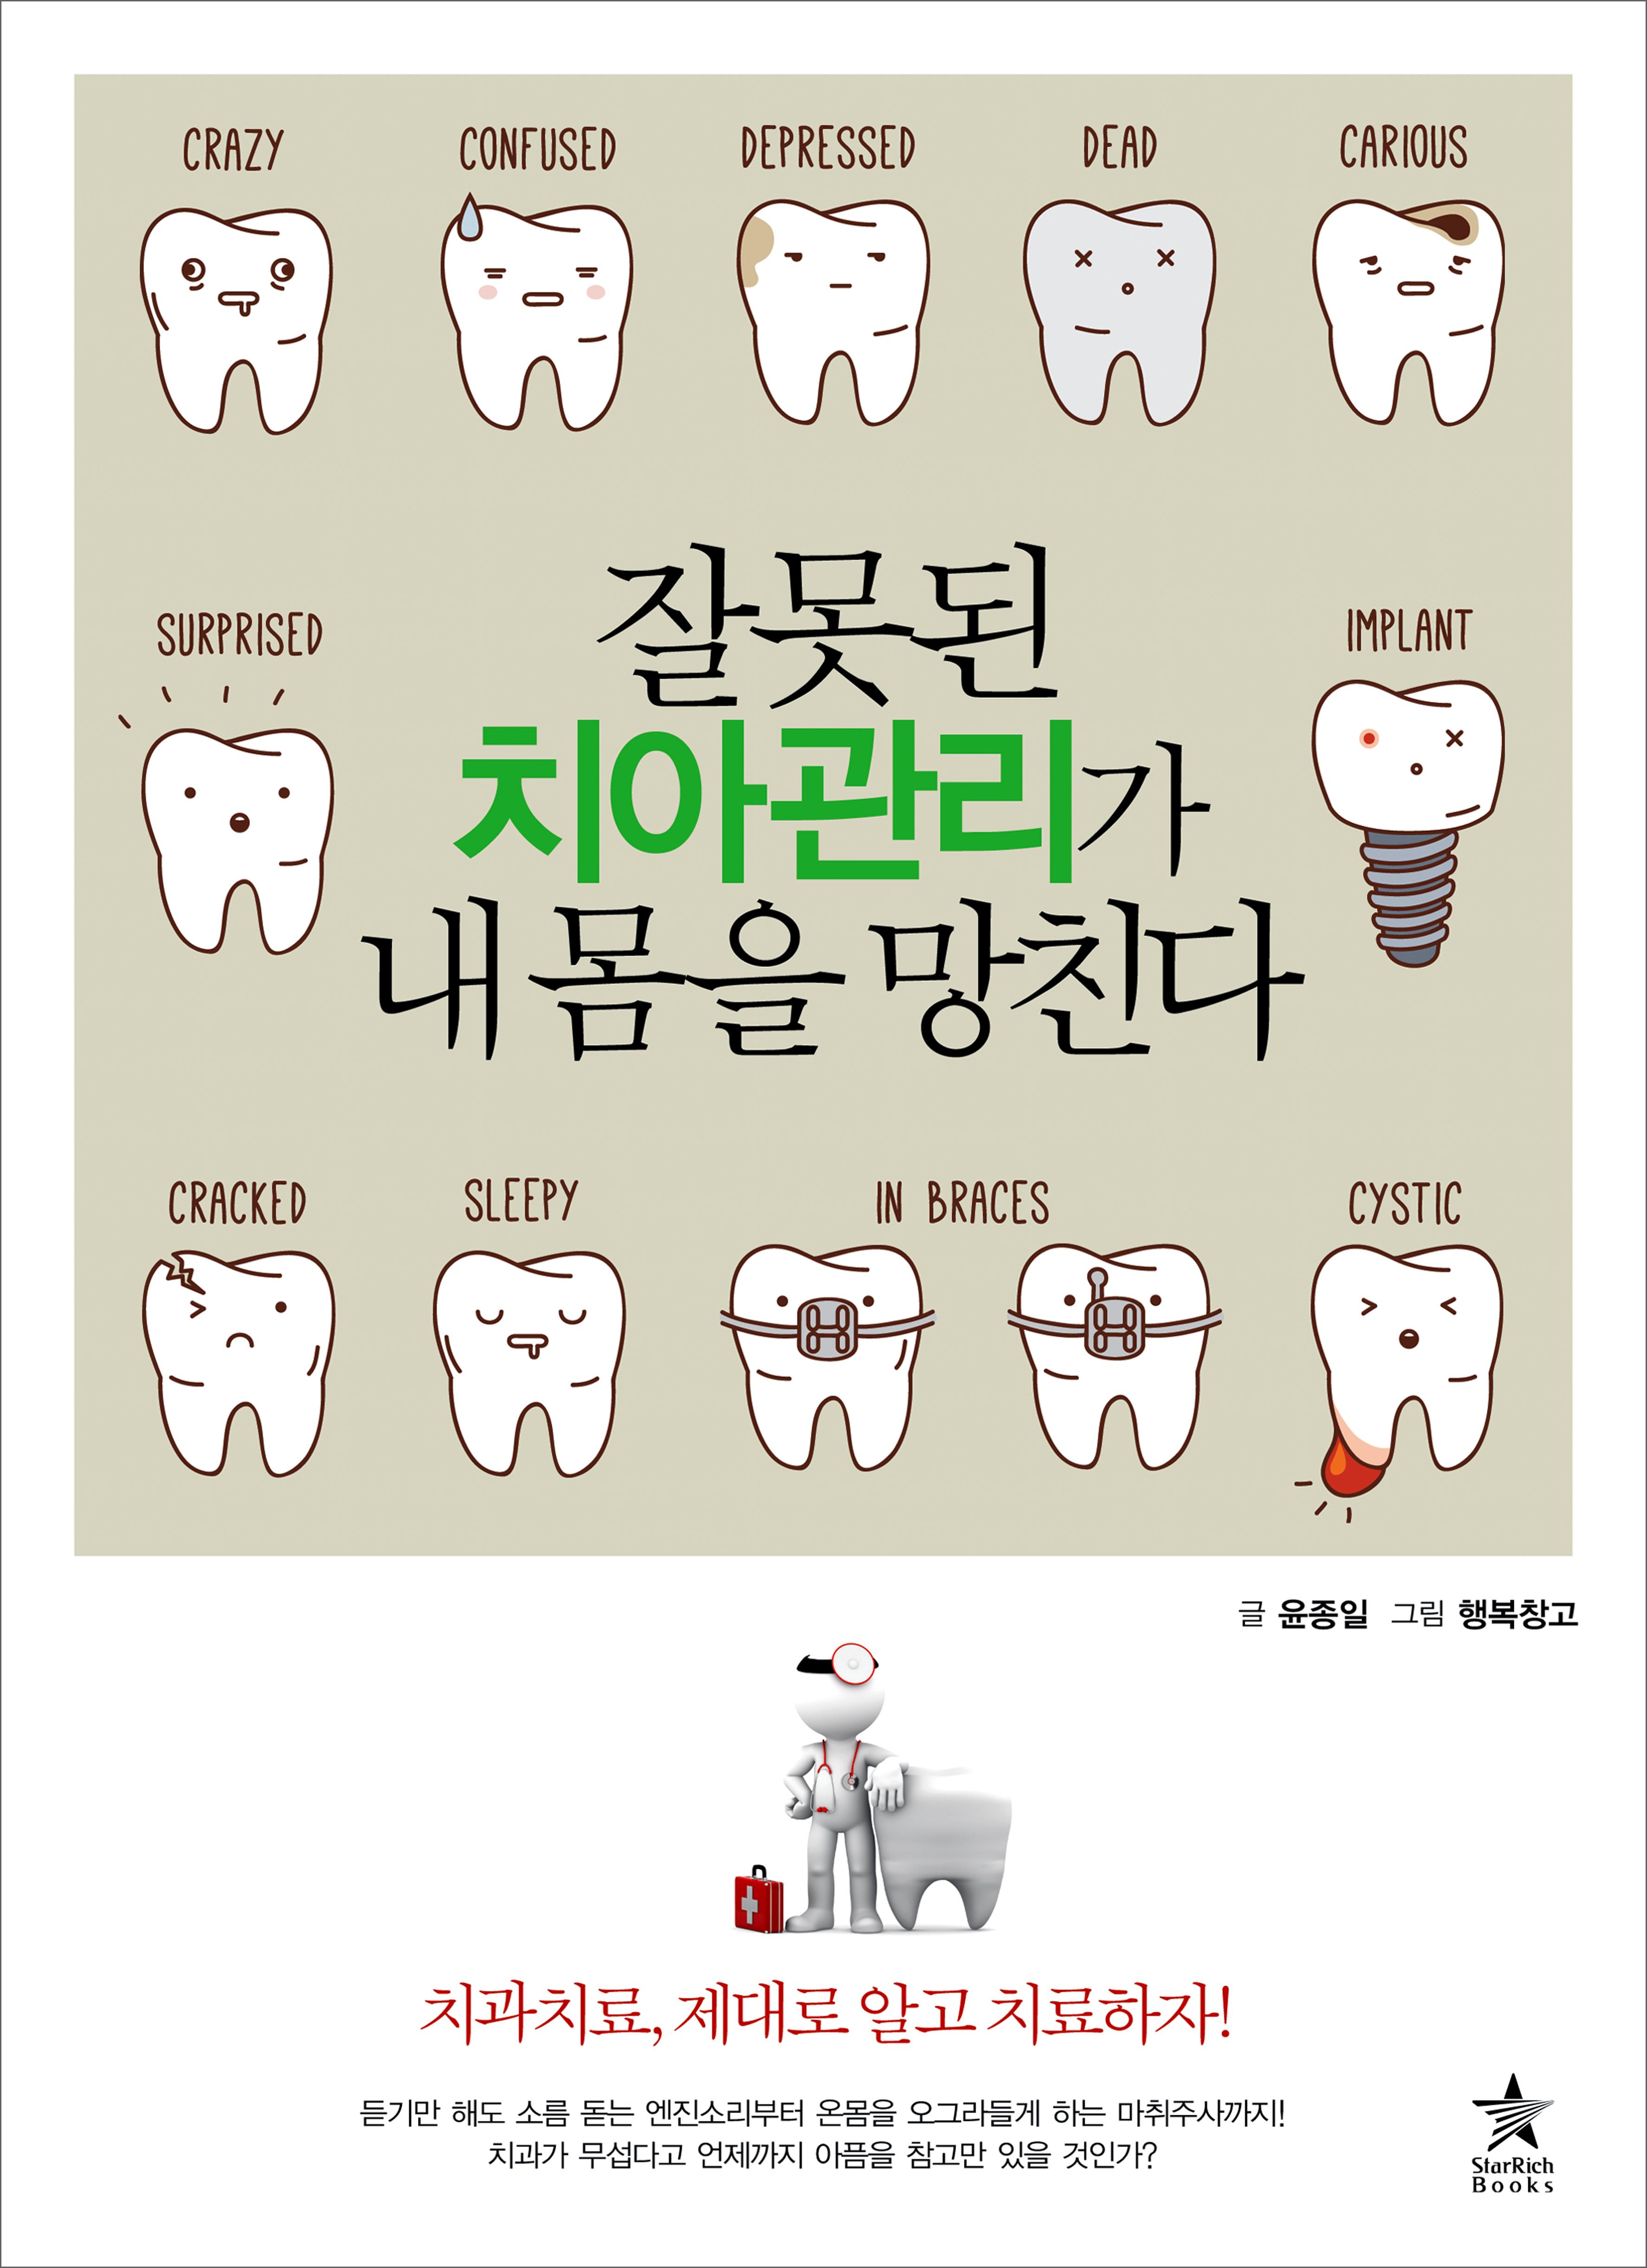 치과의사 윤종일씨가 치과와 치과 치료에 대한 전반적인 내용을 썼다. 임플란트 가격이 천차만별인 이유, 치아 교정의 적정 시기, 치아 미백의 과학적 원리, 치과 의사가 추천하는 좋은 치과 등이다.